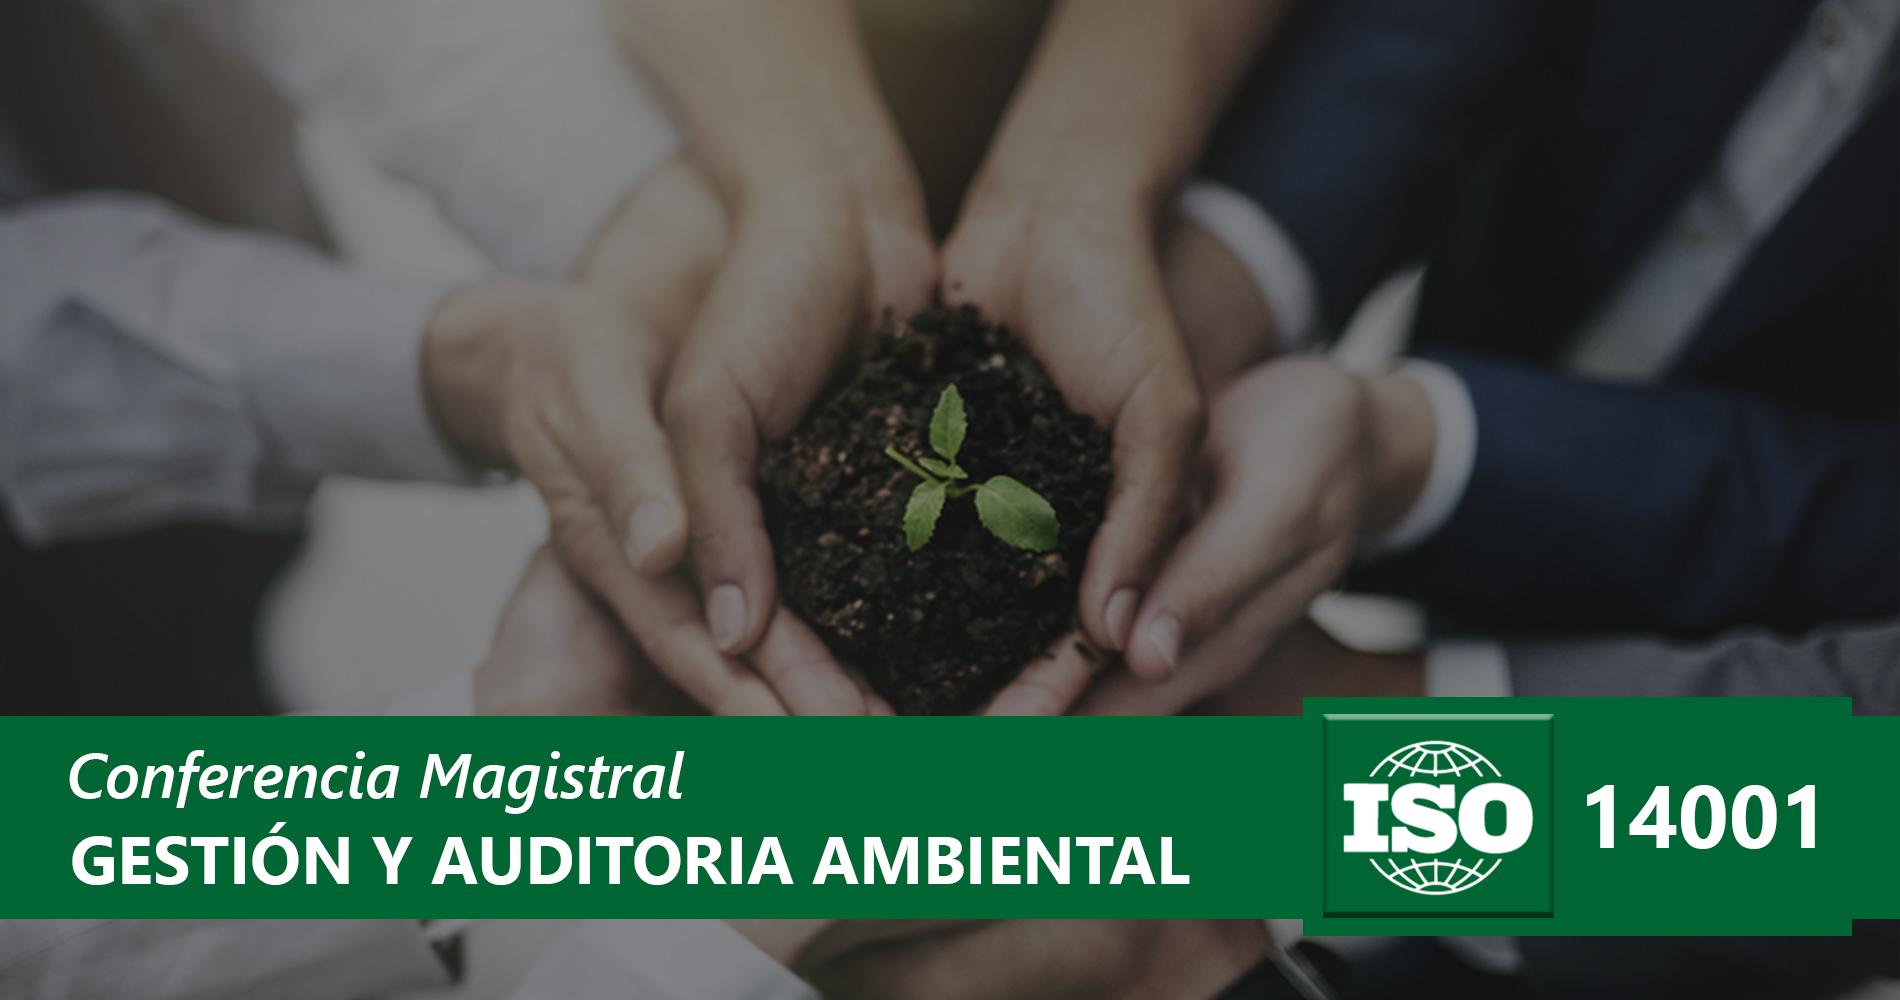 Conferencia Magistral Gestión y Auditoria Ambiental ISO 14001